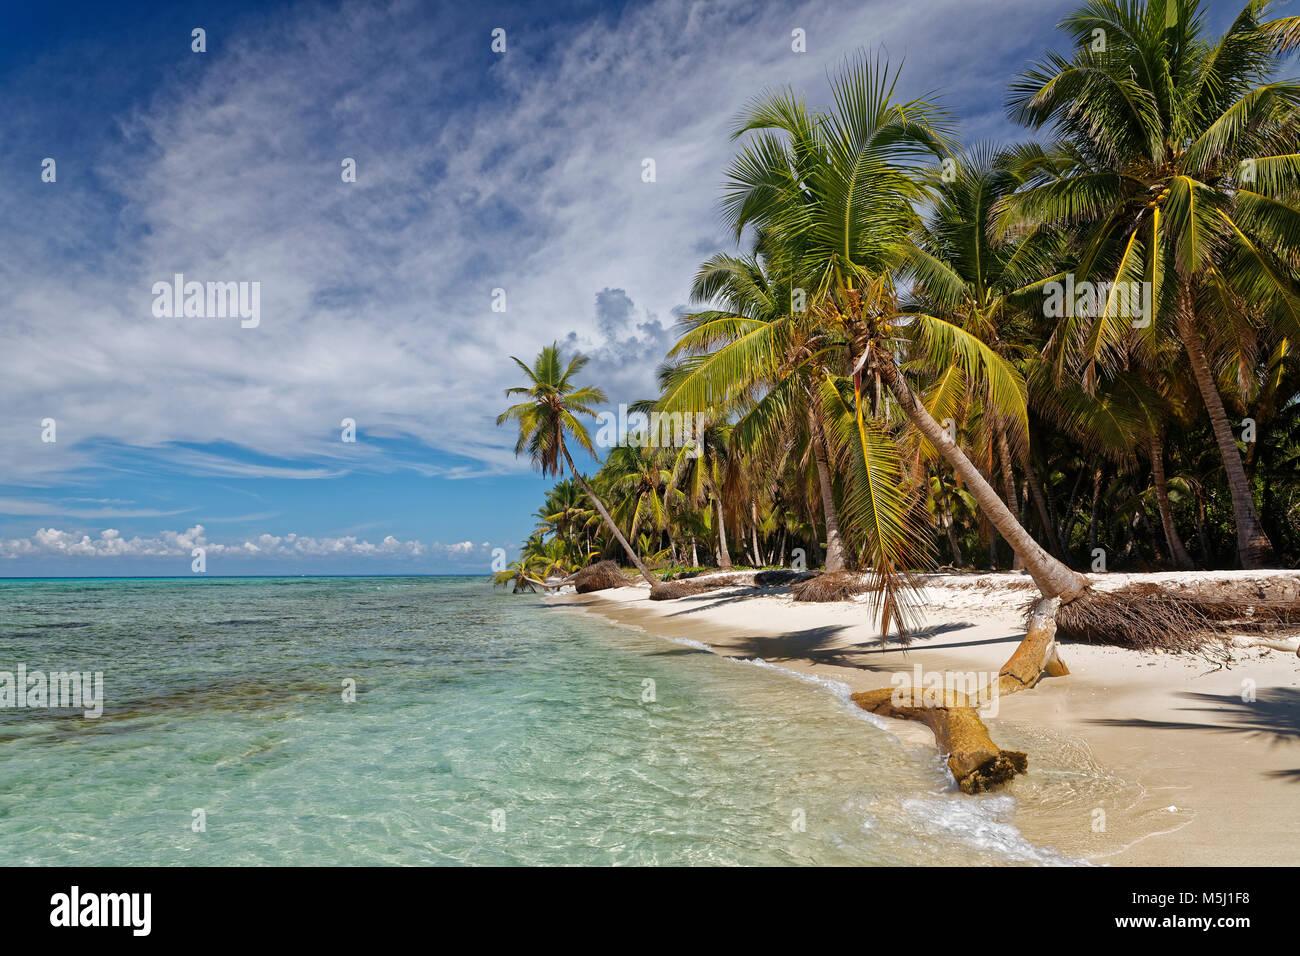 Caraibi, Repubblica dominicana, spiaggia dell'isola dei Caraibi Isla Saona Immagini Stock